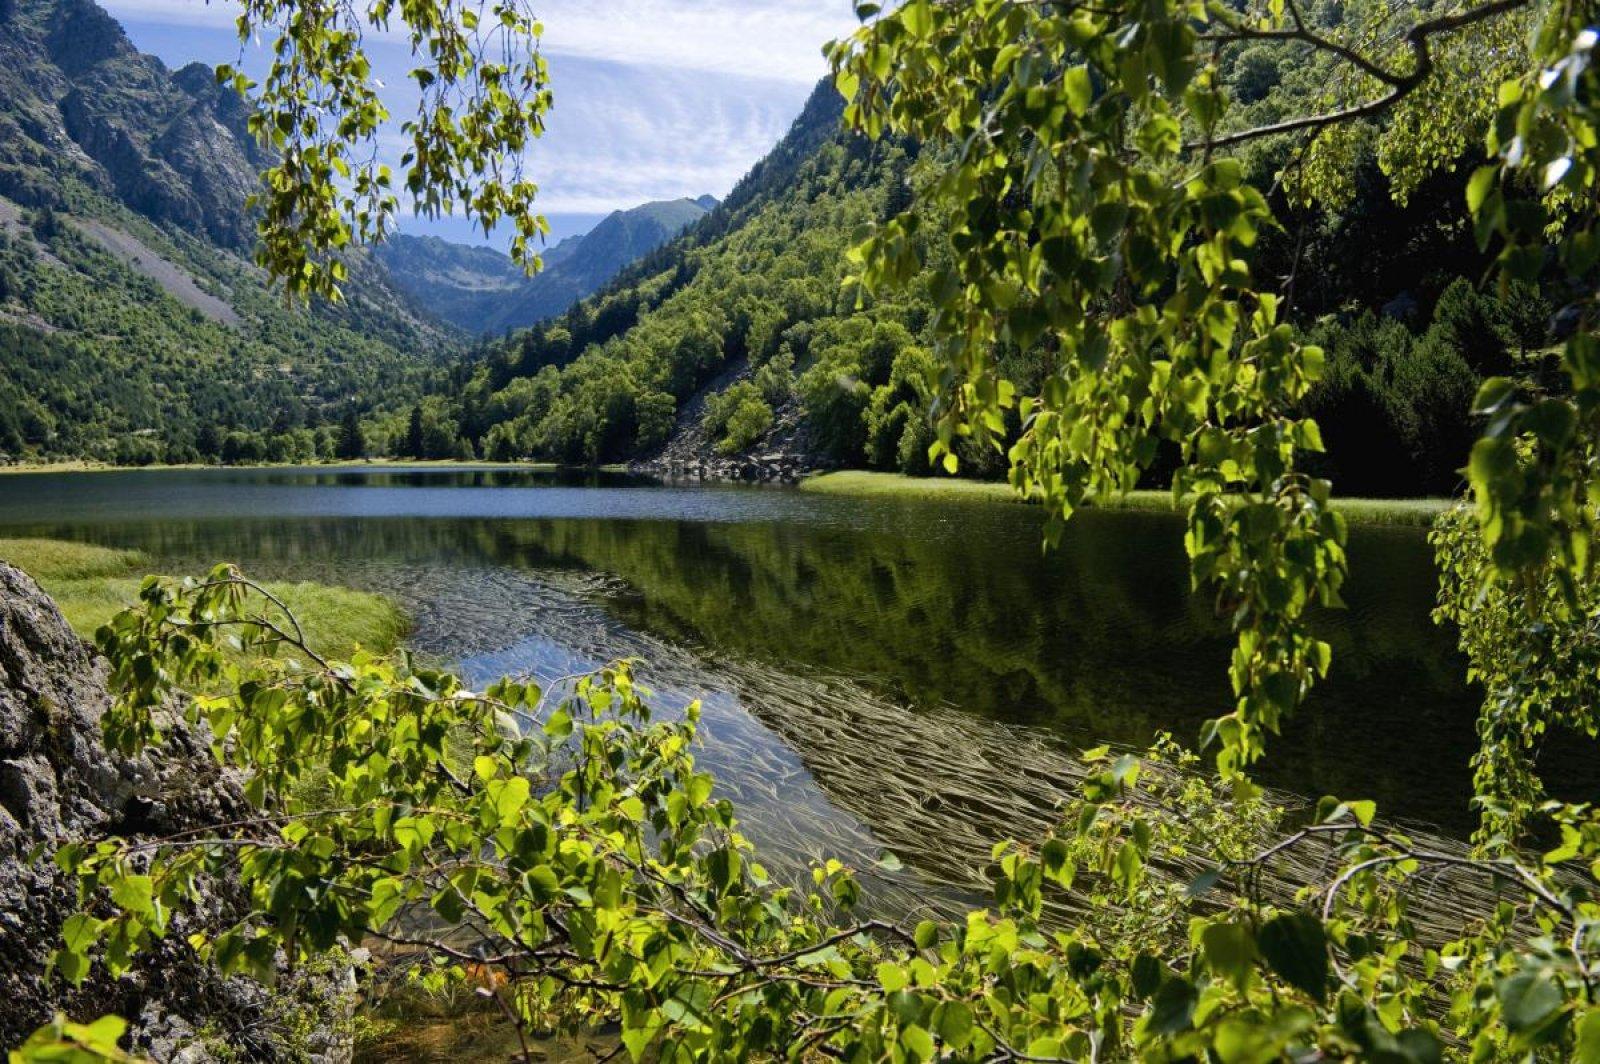 Parc Natural d'Aigüestortes i Estany de Sant Maurici